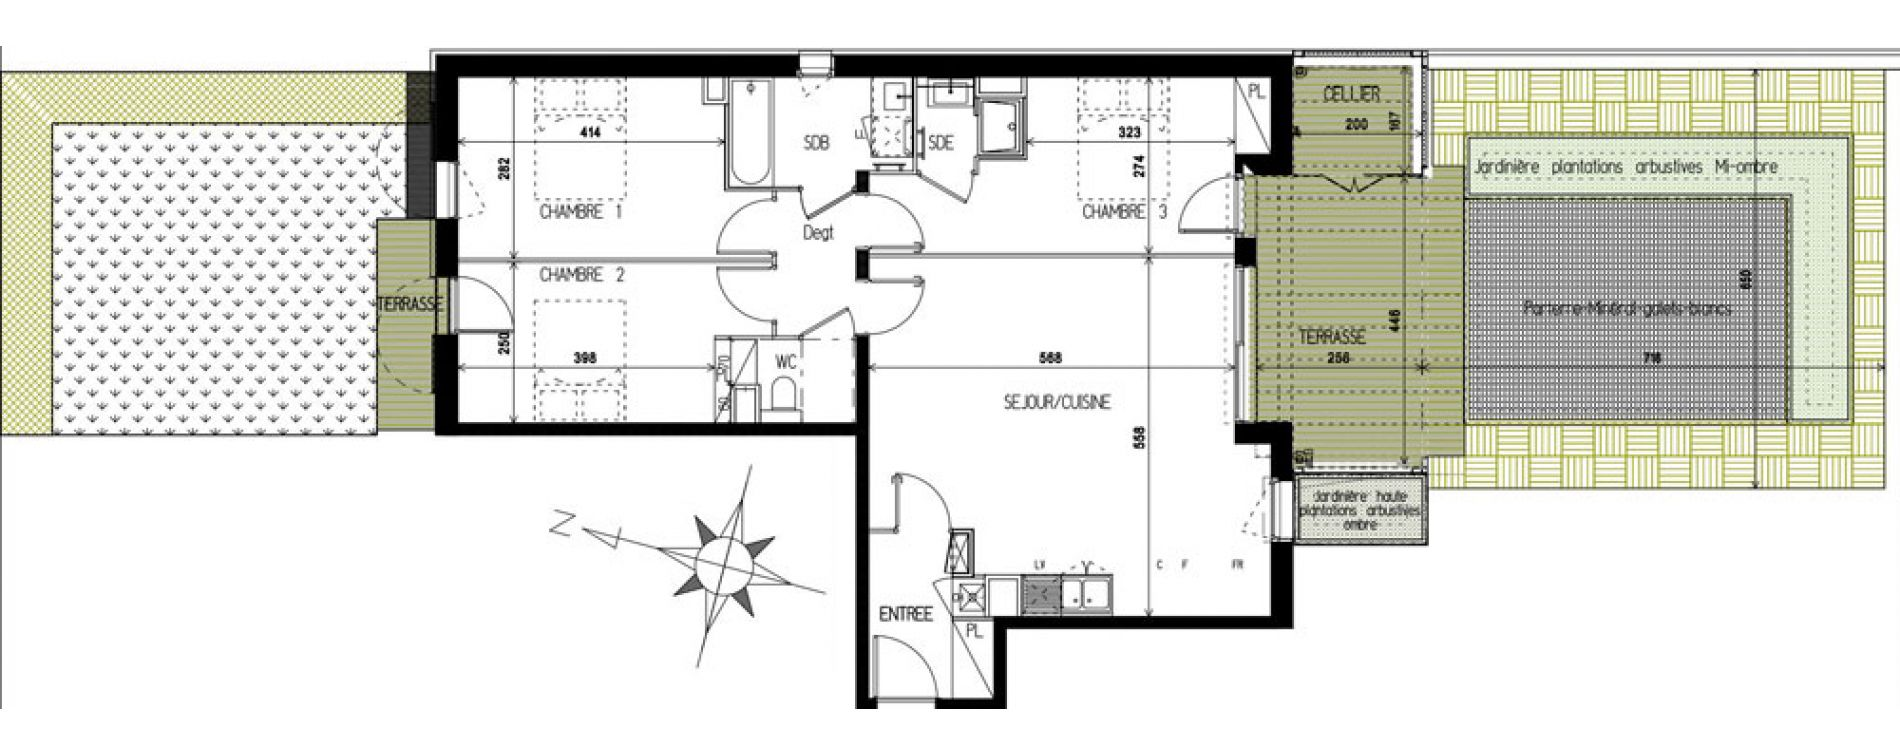 Appartement T4 de 83,35 m2 à Castanet-Tolosan Castanet tolosan centre